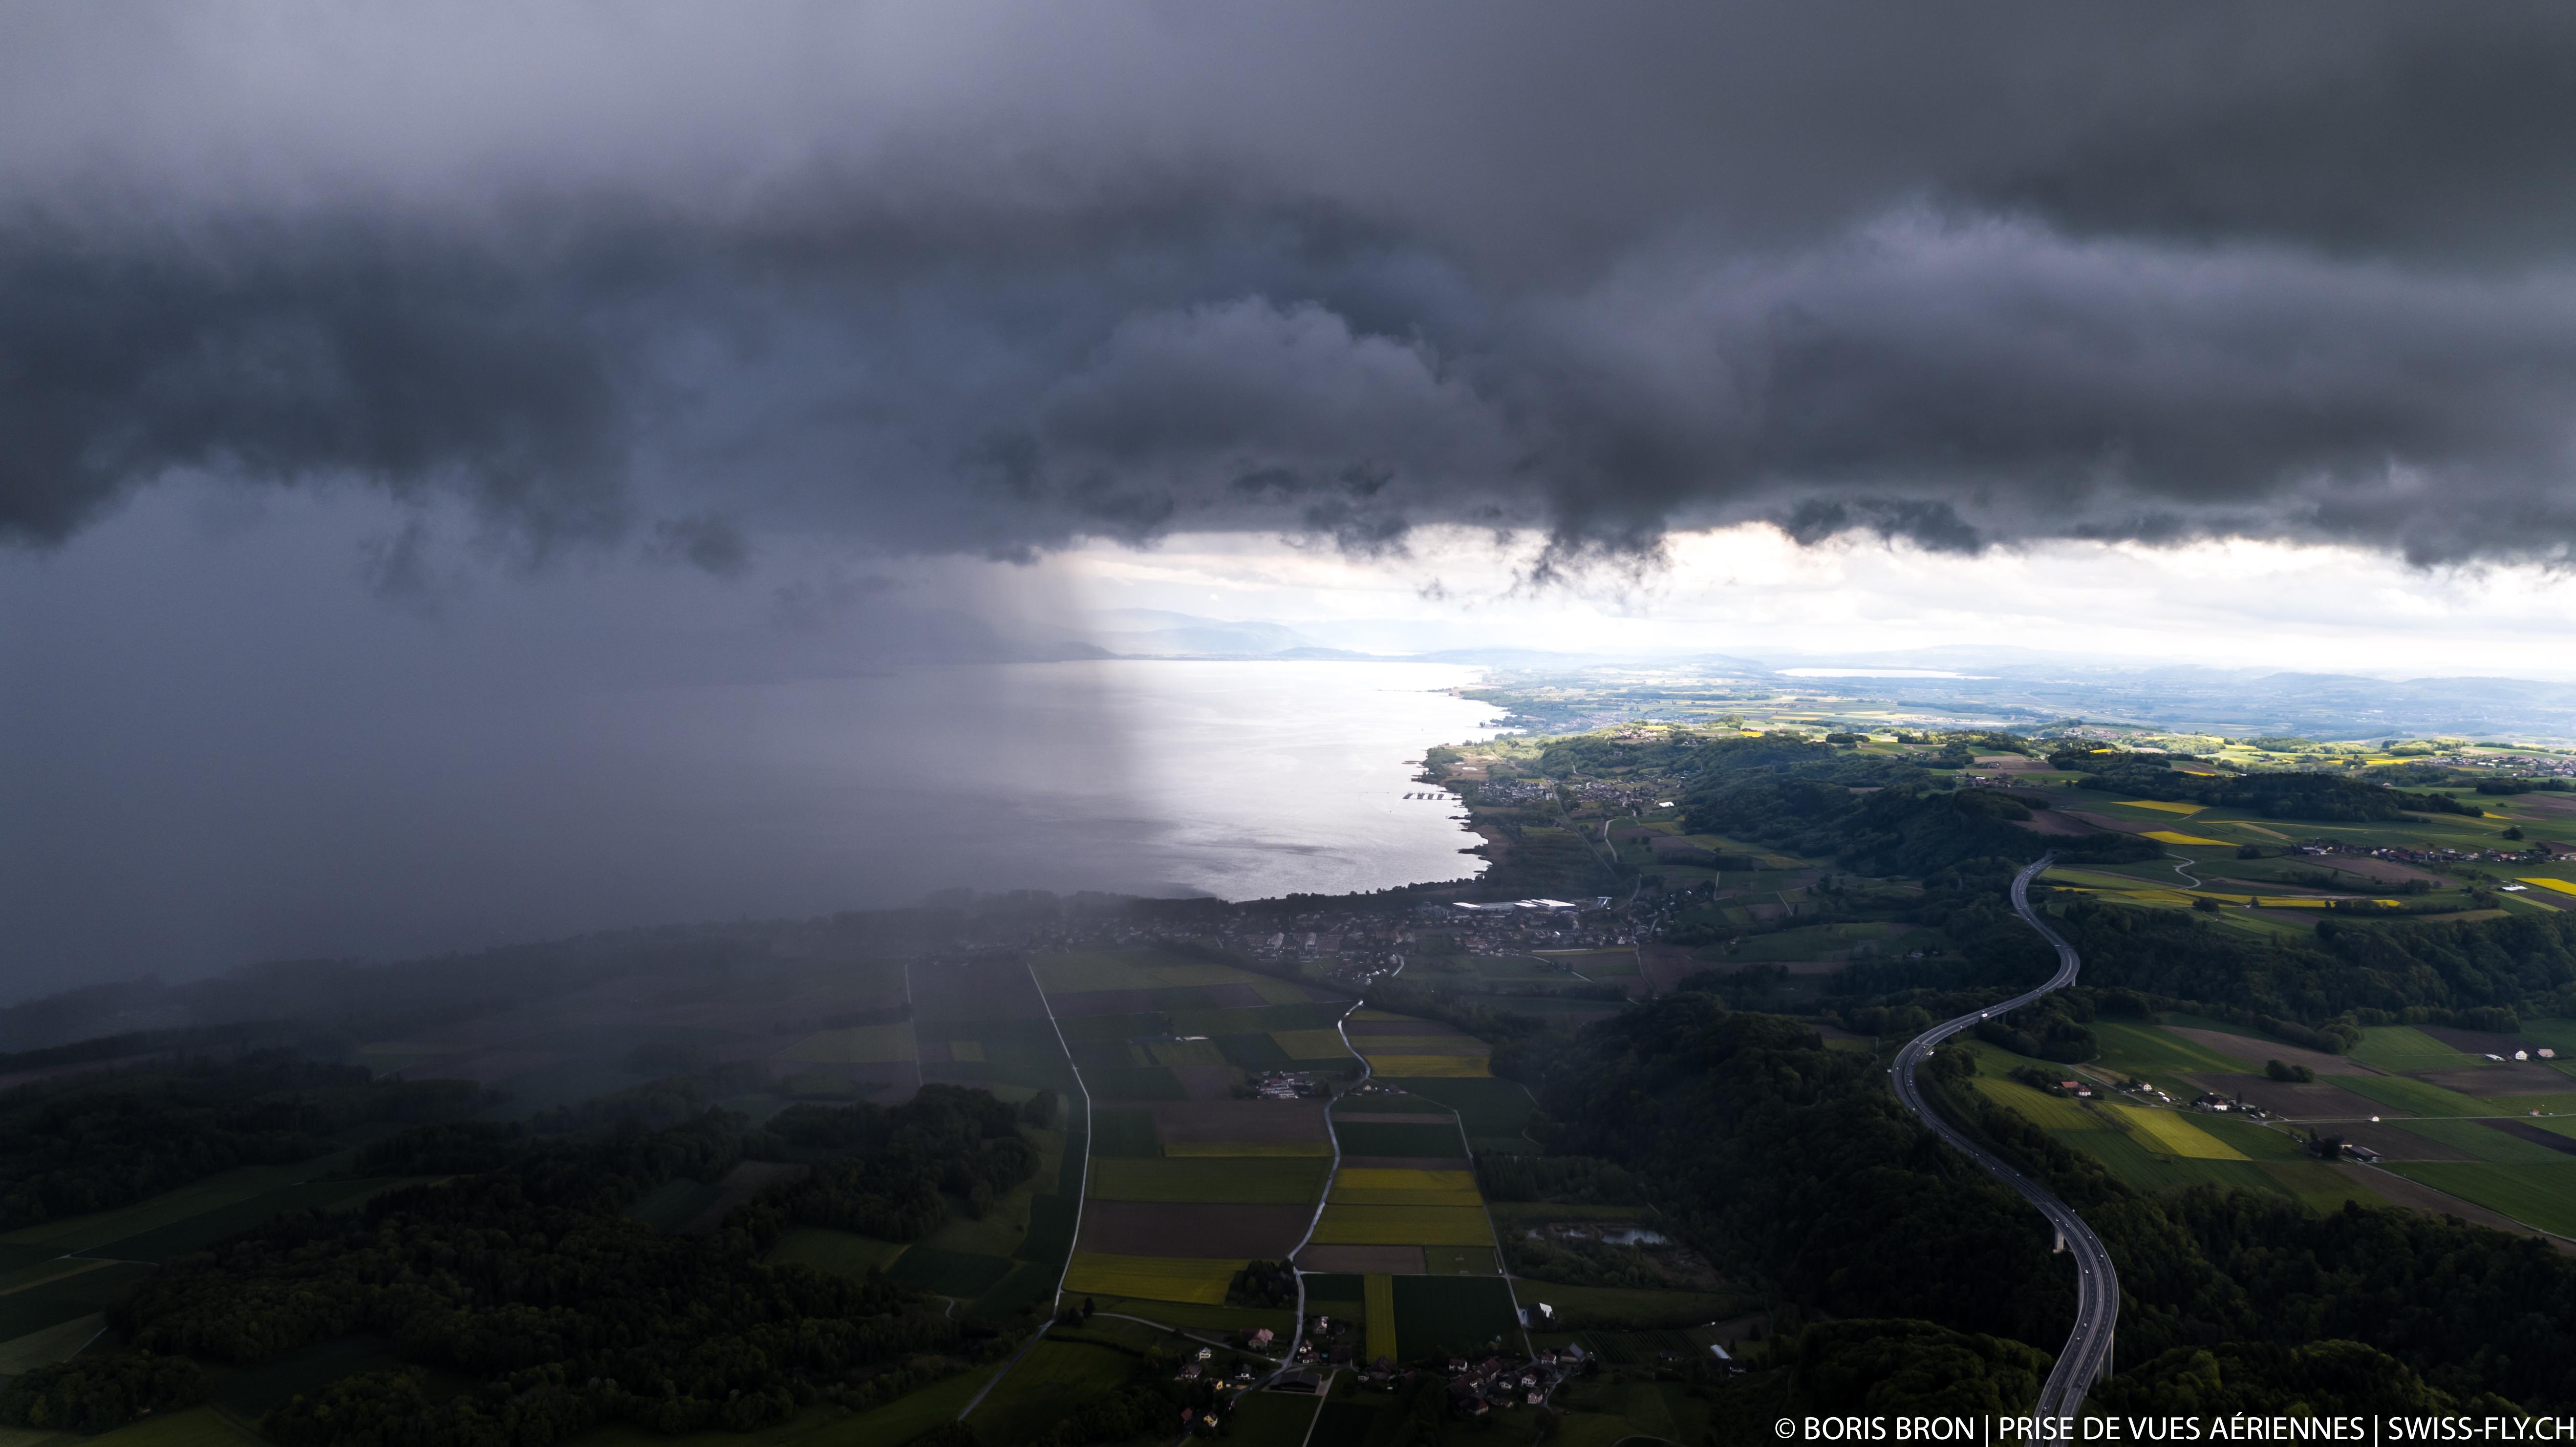 Orage sur Yvonand - Lac de Neuchâtel